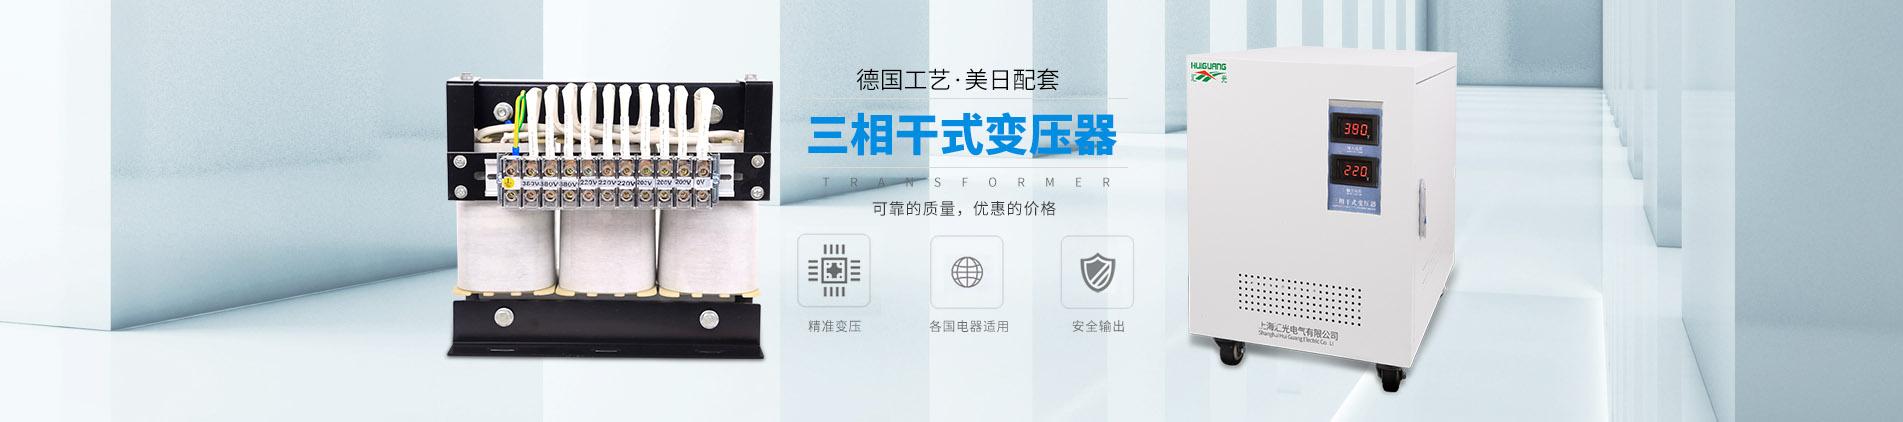 光伏專用三相升壓隔離變壓器_上海匯光電氣有限公司